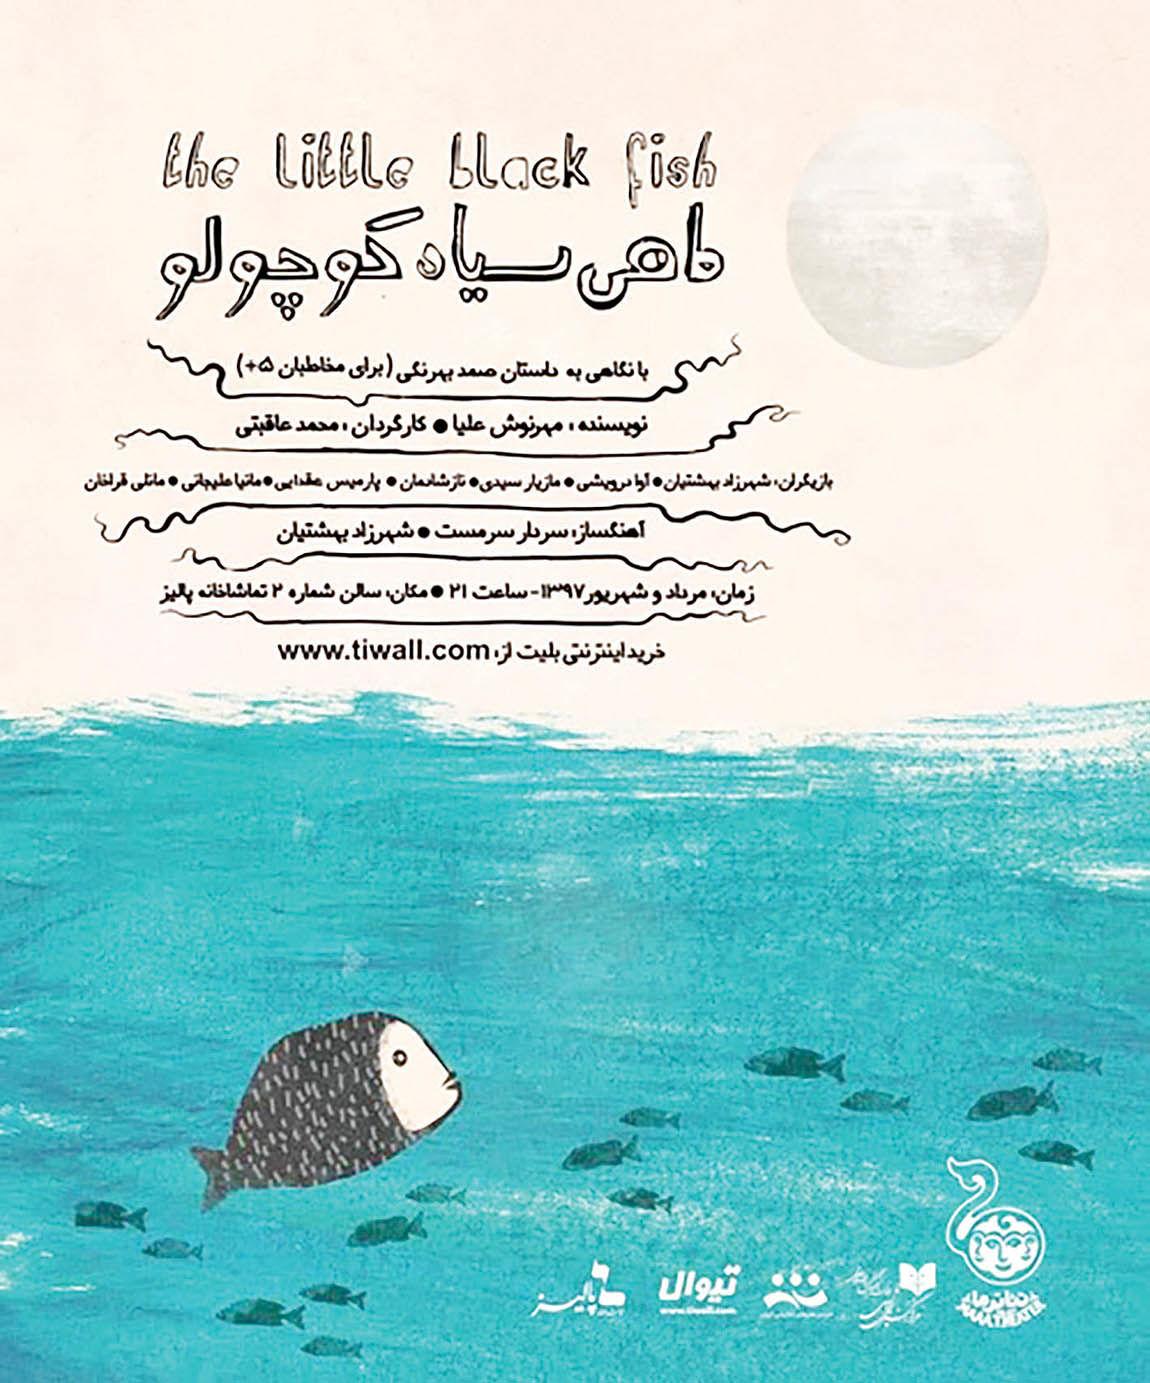 ماهی سیاه کوچولو روی صحنه تماشاخانه پالیز